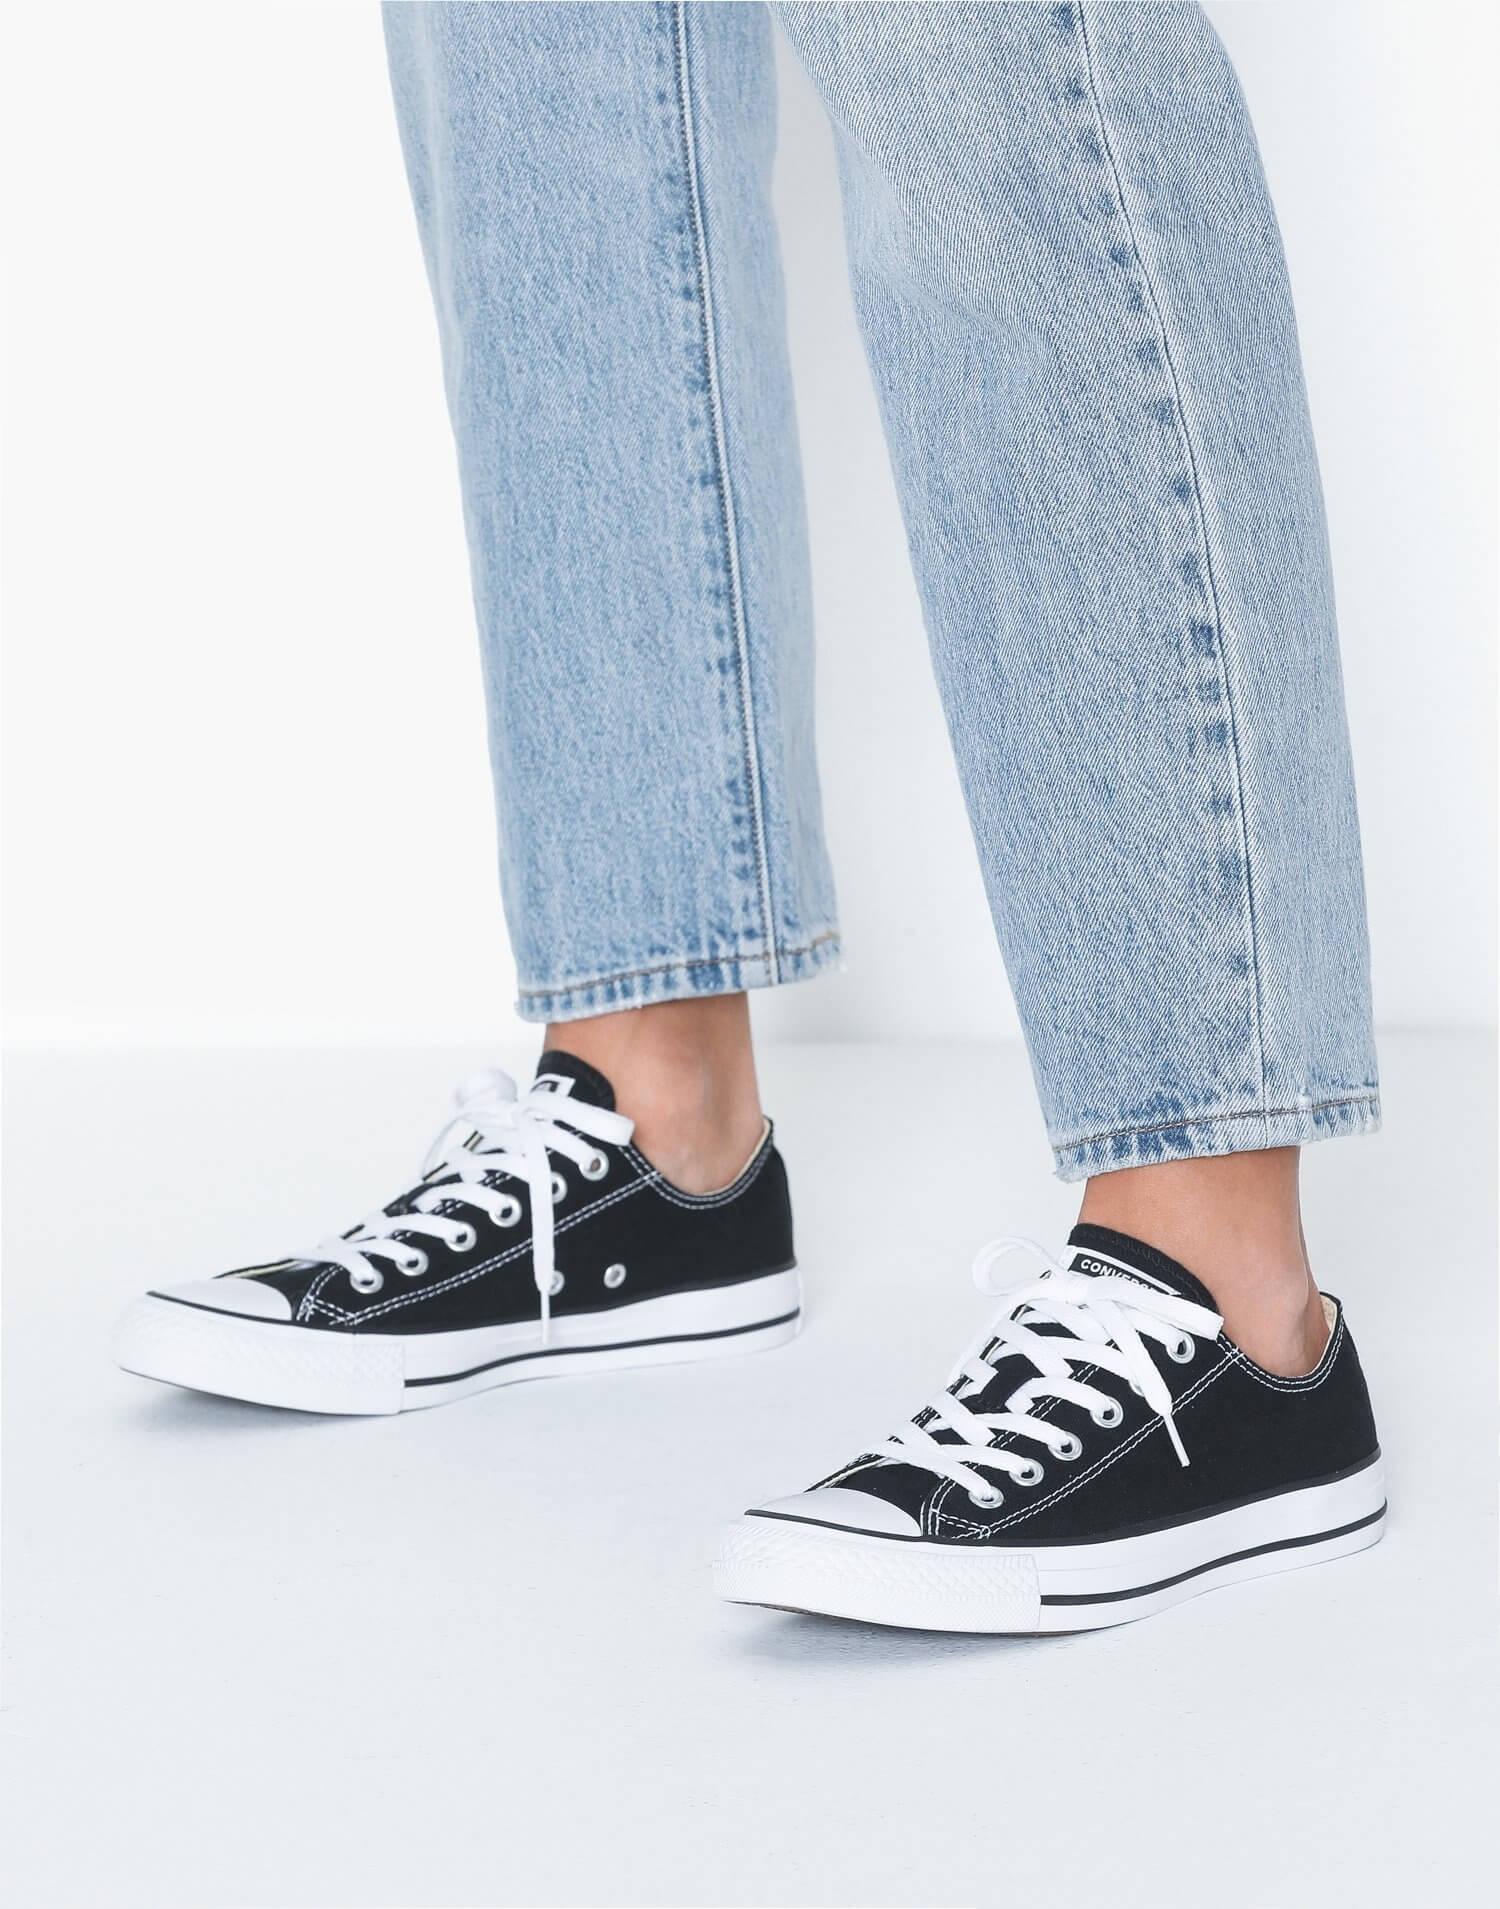 Ett par låga, klassiska sneakers från Converse.